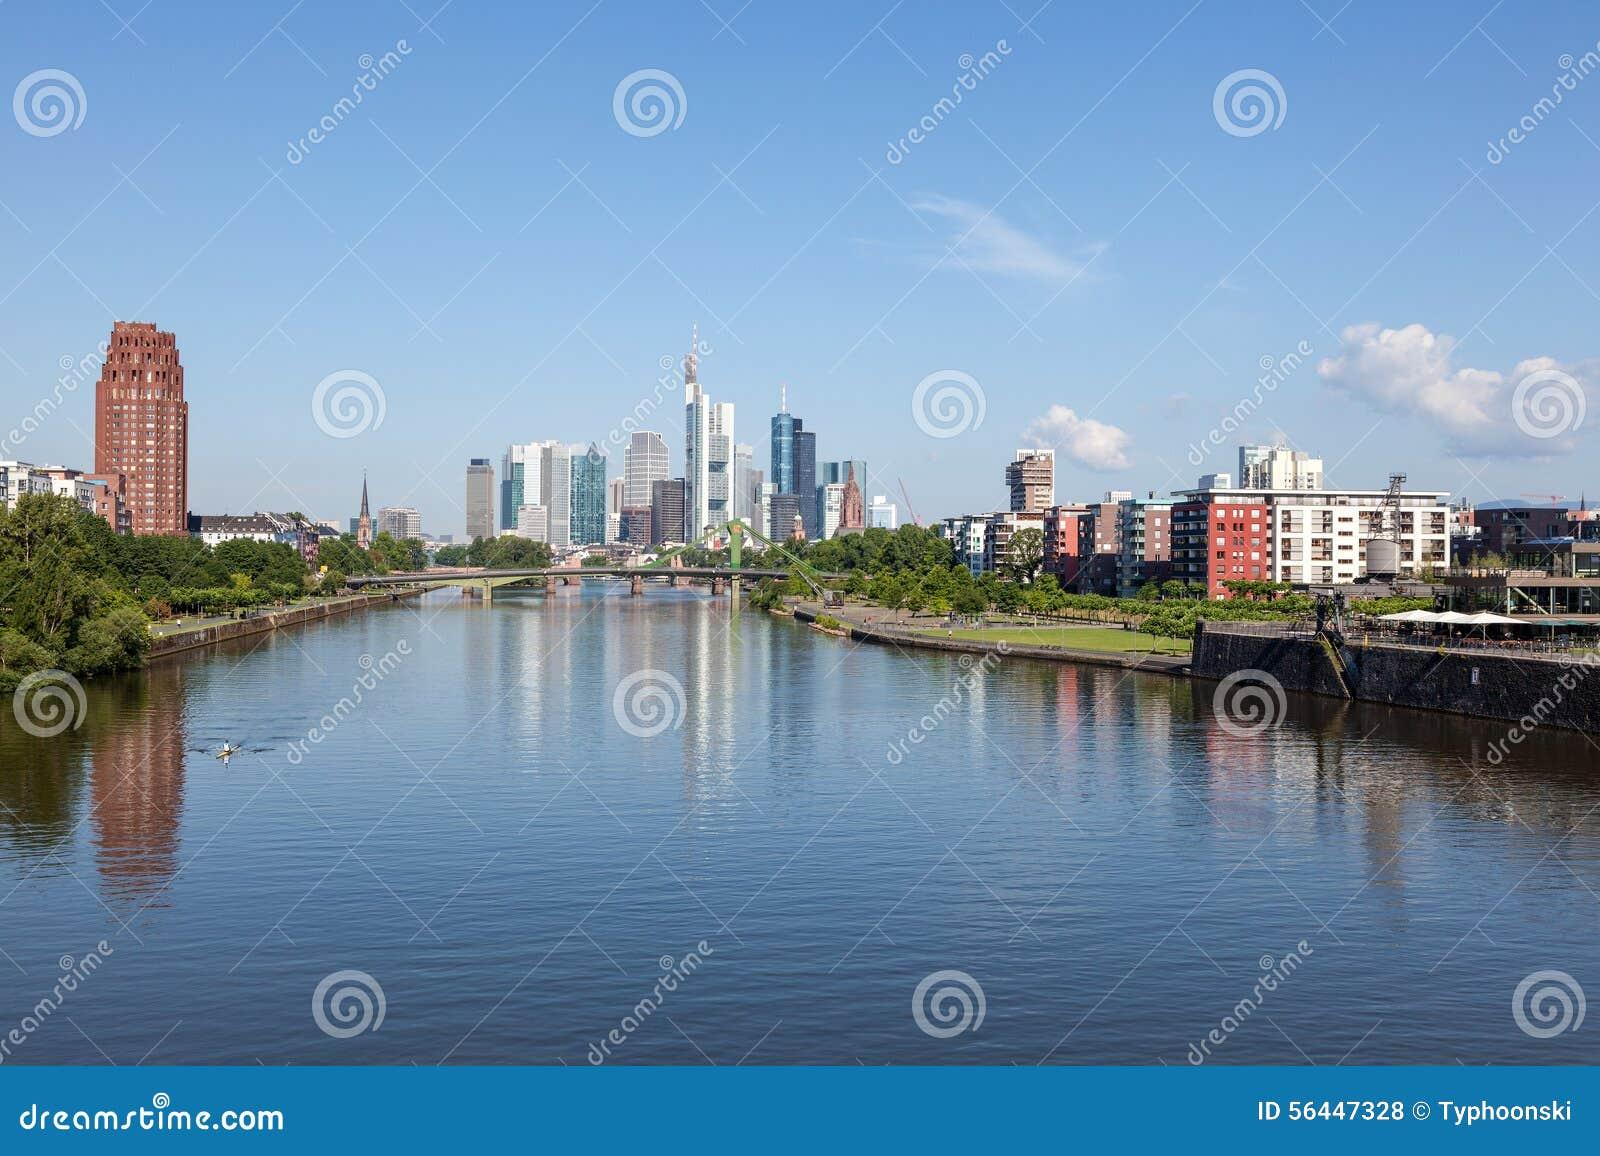 Rzeczna magistrala i linia horyzontu Frankfurt